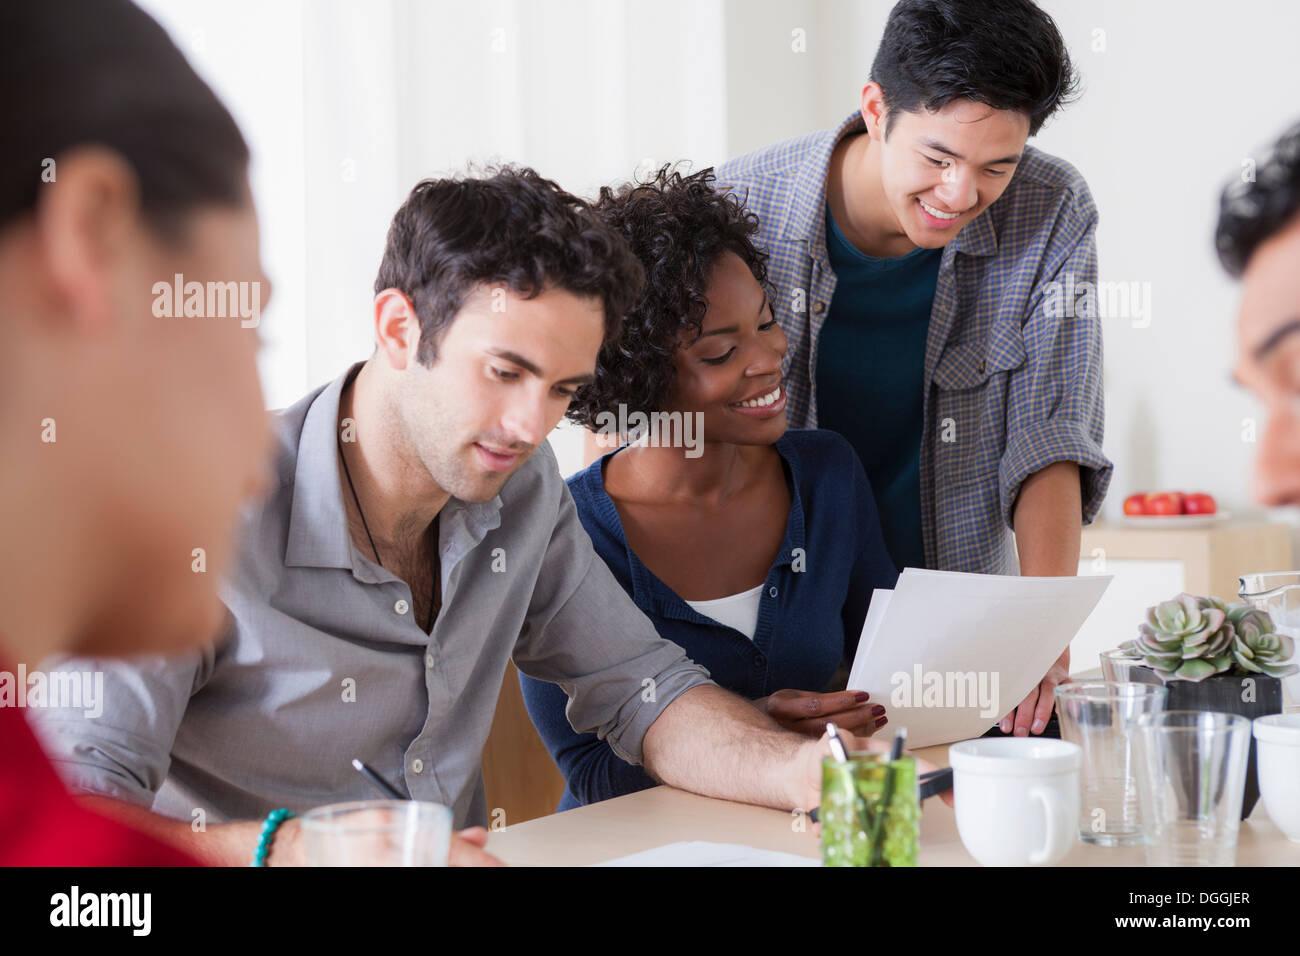 Maschio e femmina incontro i colleghi in ufficio Immagini Stock